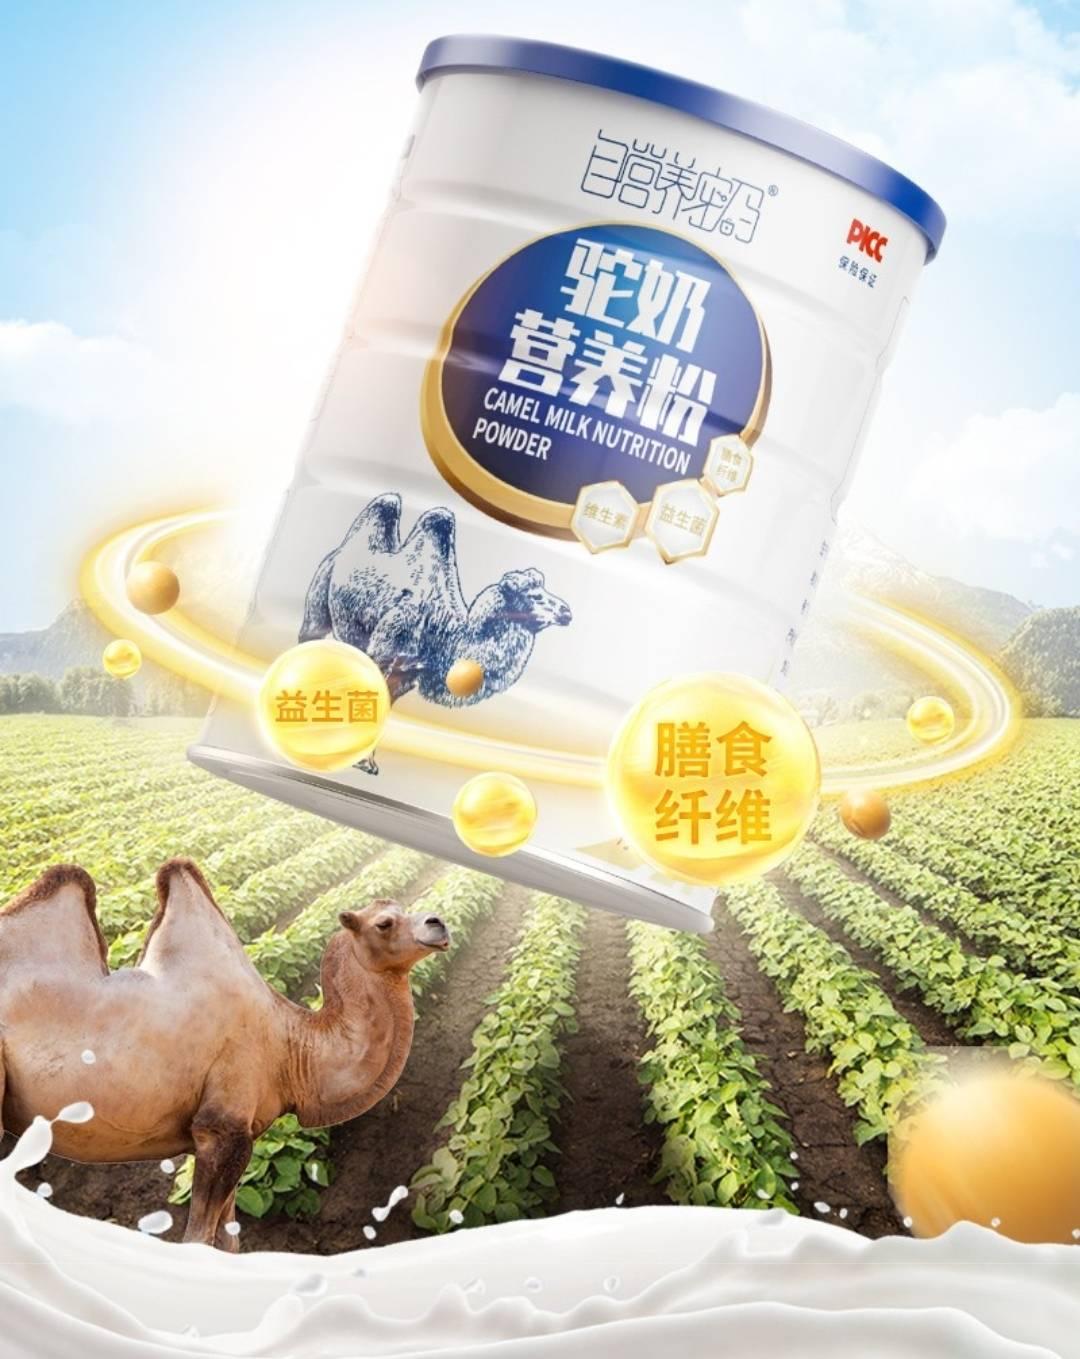 自营养密码 骆驼奶粉 高钙益生菌 驼奶 蛋白粉 驼乳粉 300g*2 39元(需用券)(补贴后16.65元)